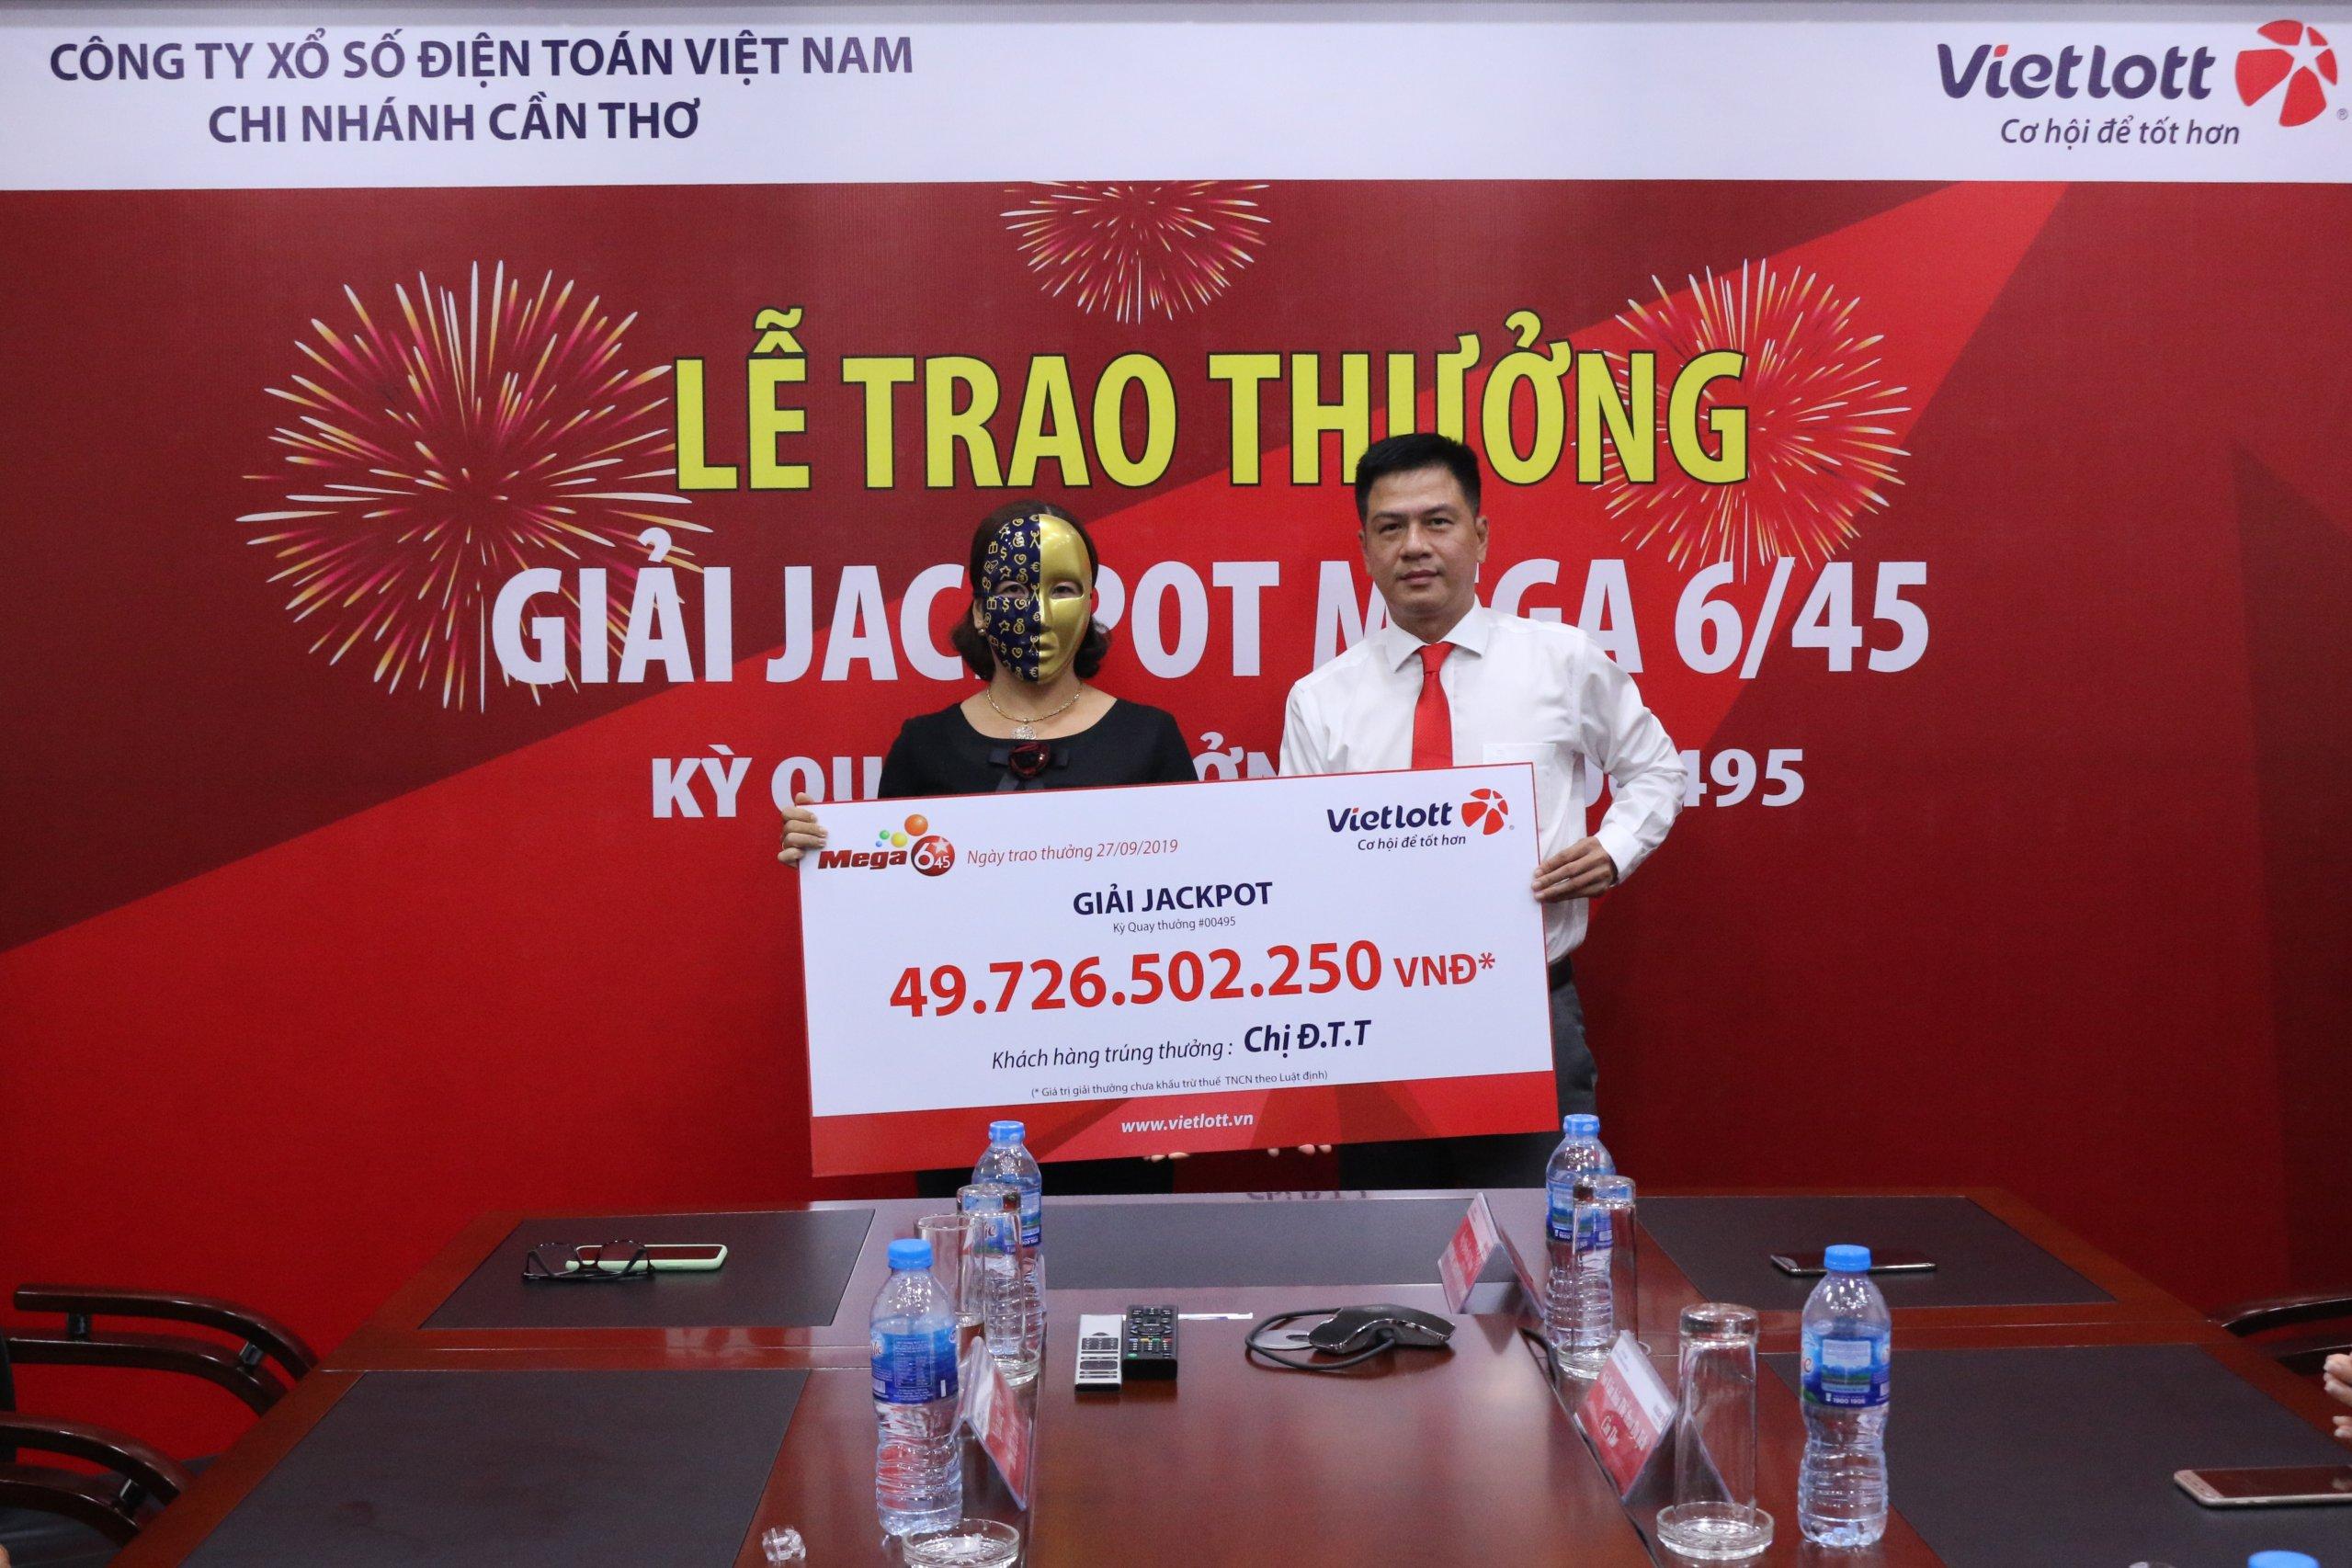 Vietlott trao giải cho 1 trong 2 khách hàng trúng Jackpot gần 100 tỷ